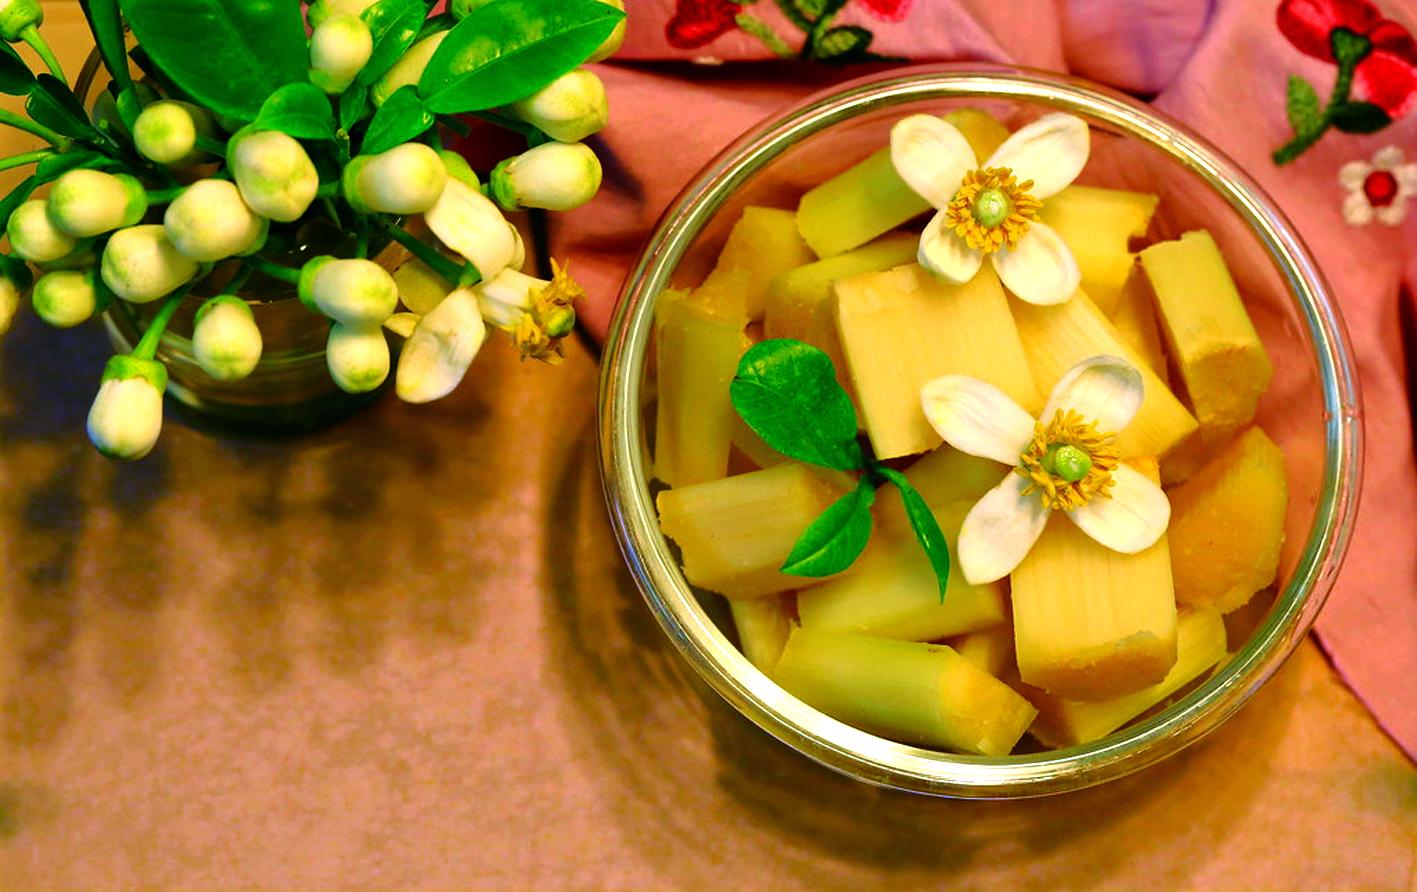 Mía ướp hoa bưởi - món ăn tuổi thơ thơm ngon